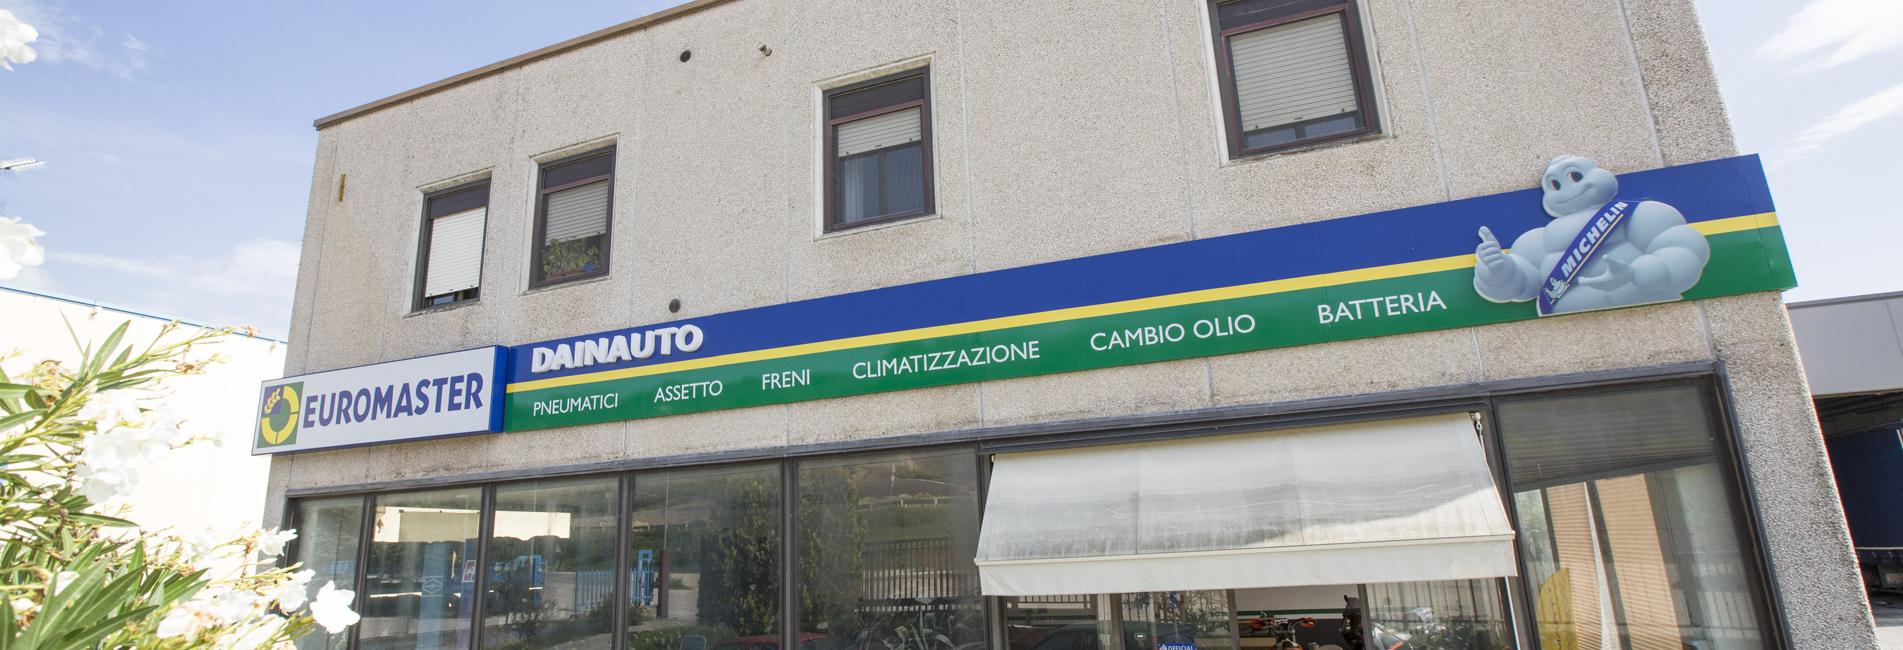 Centro Euromaster Dainauto